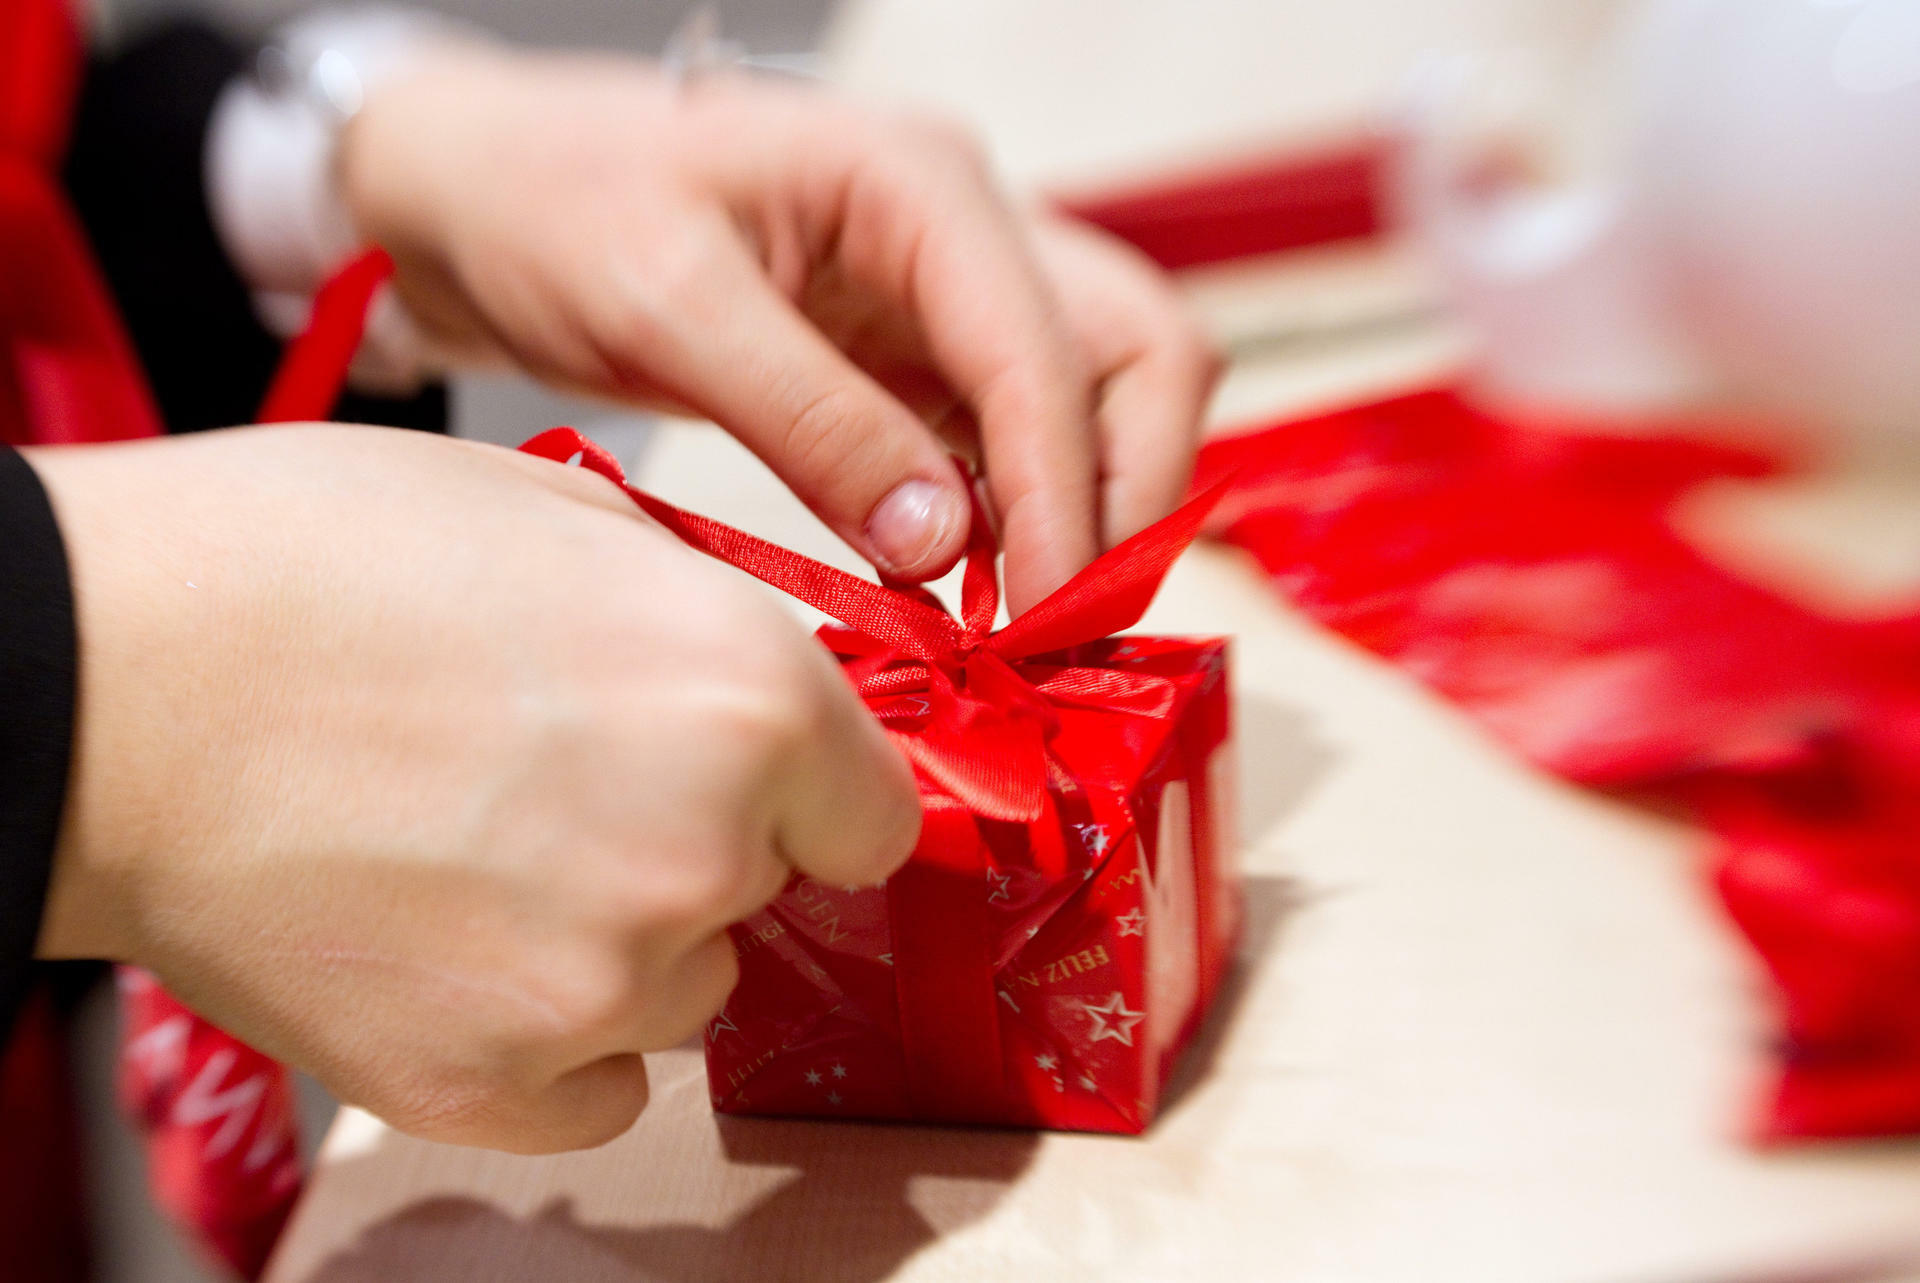 Korruptionsgefahr: Vorsicht, Weihnachtsgeschenk!